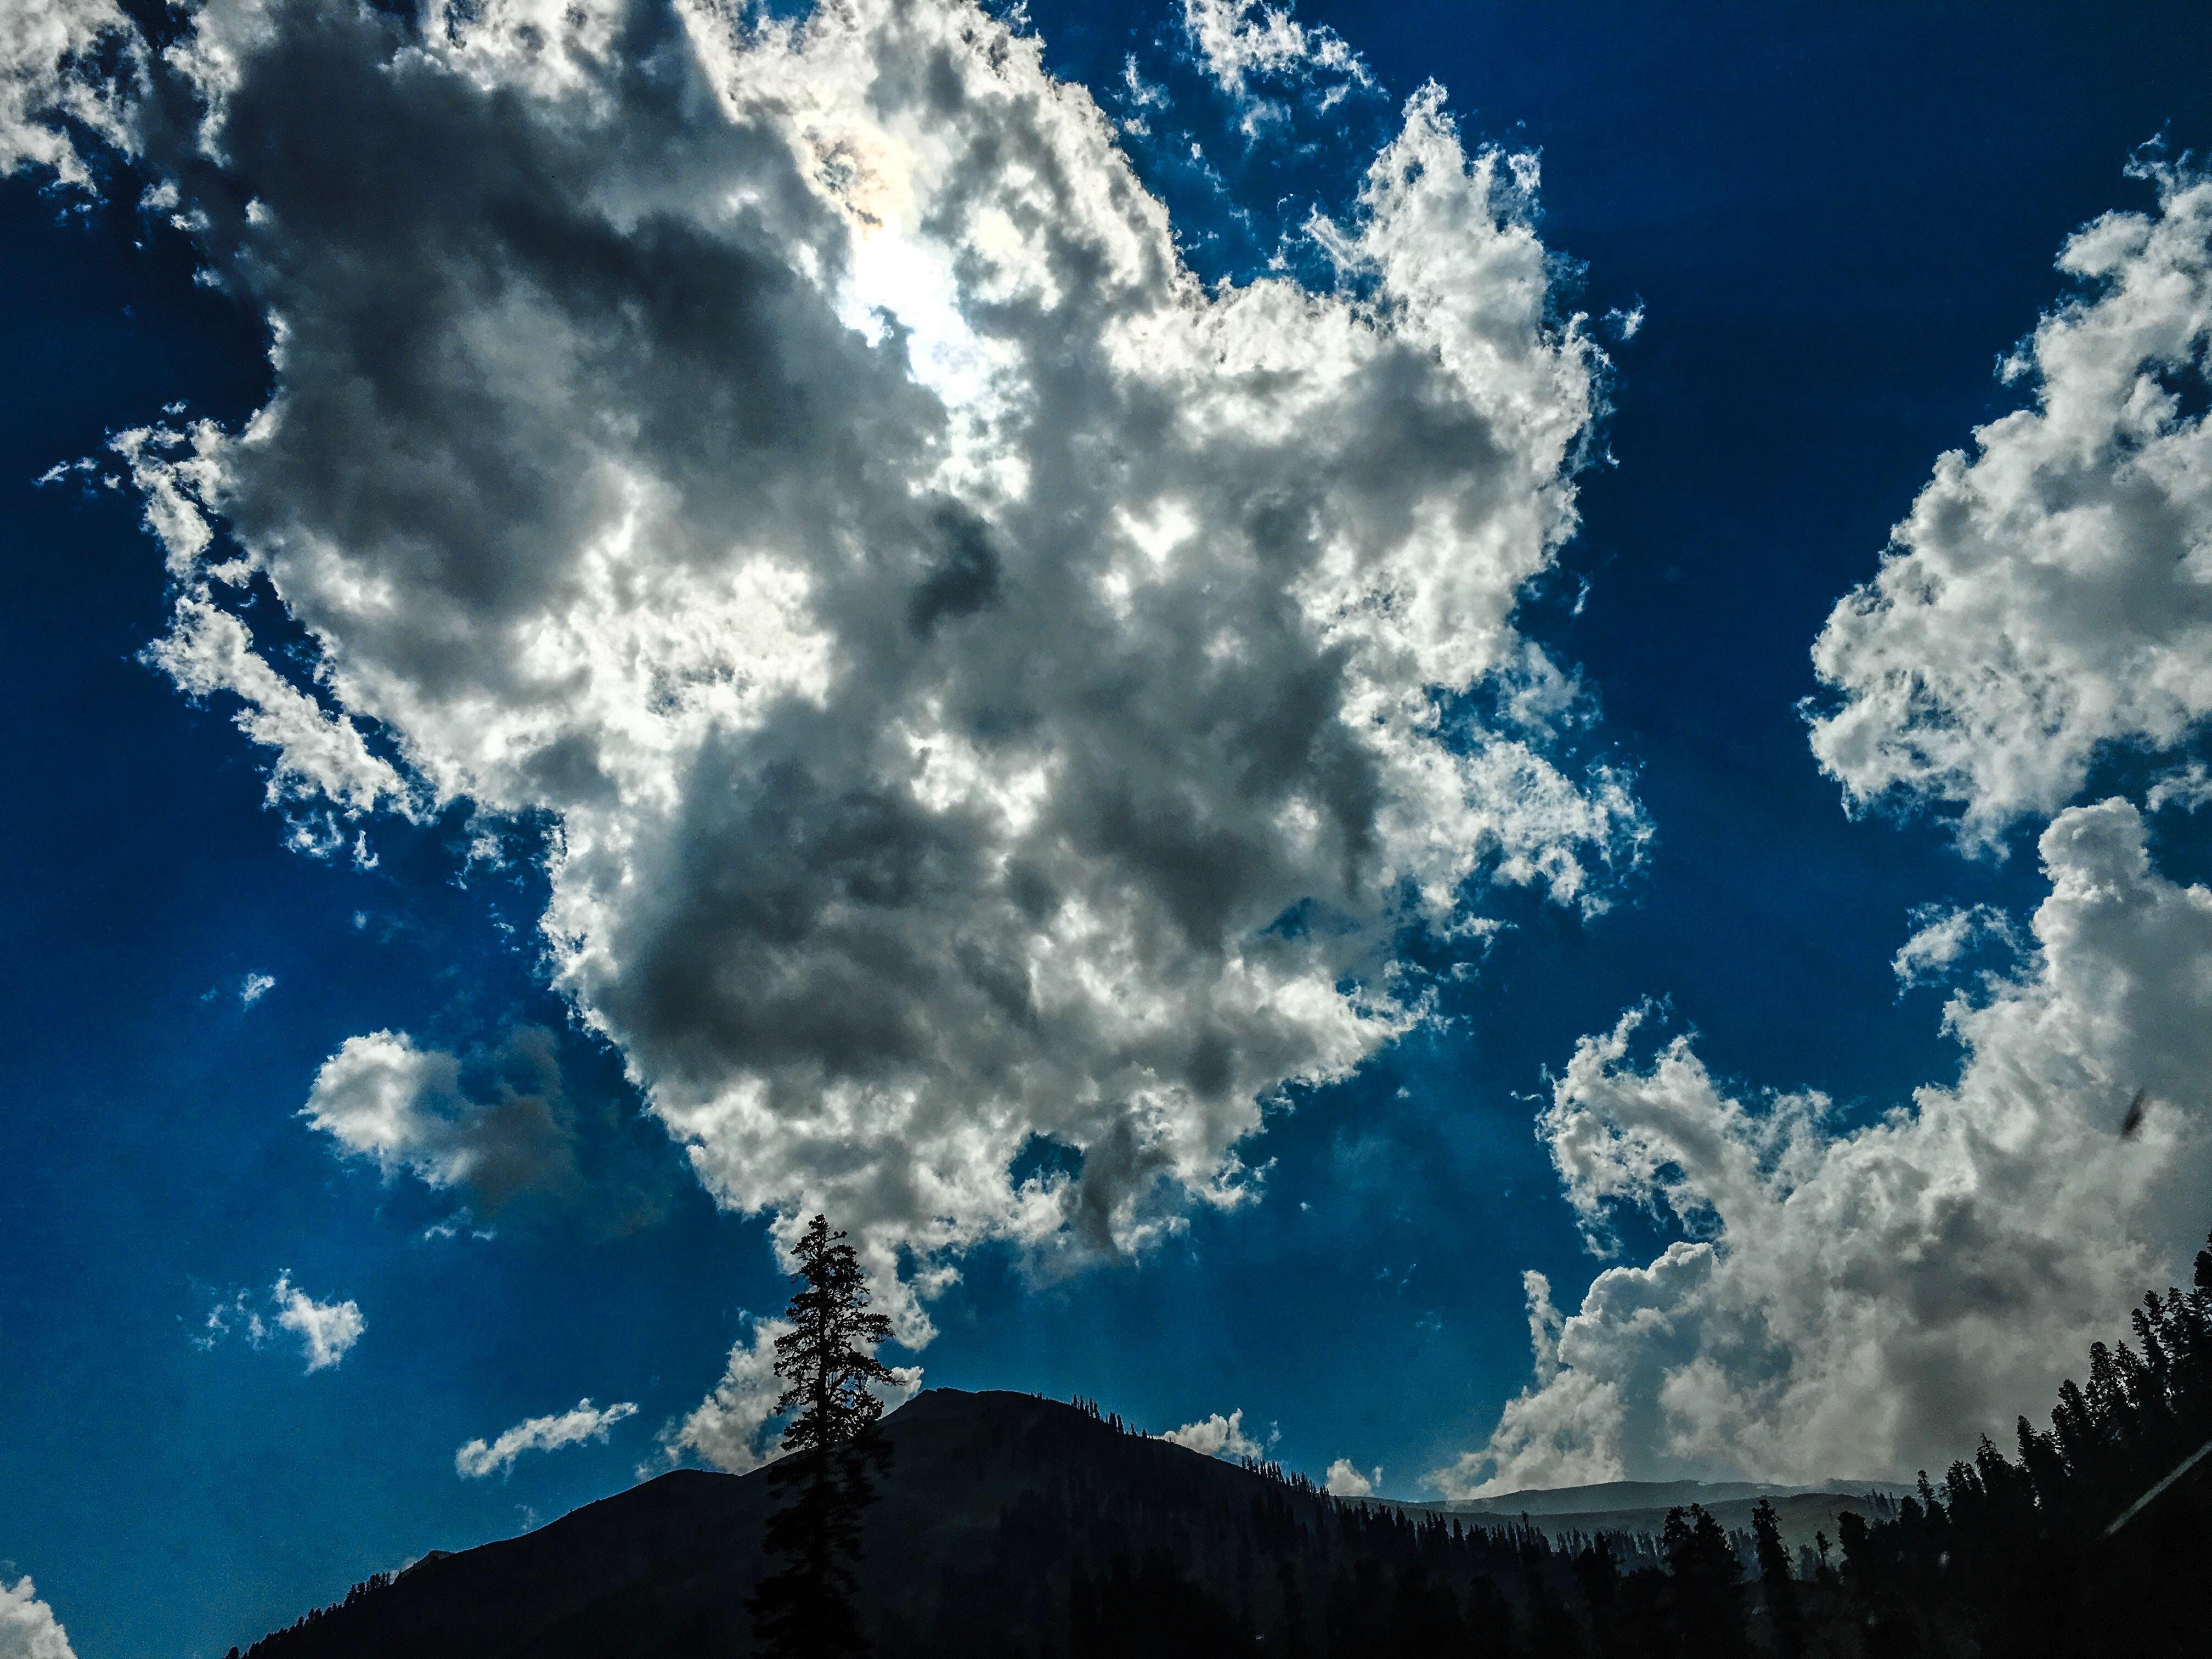 70837 скачать обои Природа, Облака, Пасмурно, Небо - заставки и картинки бесплатно